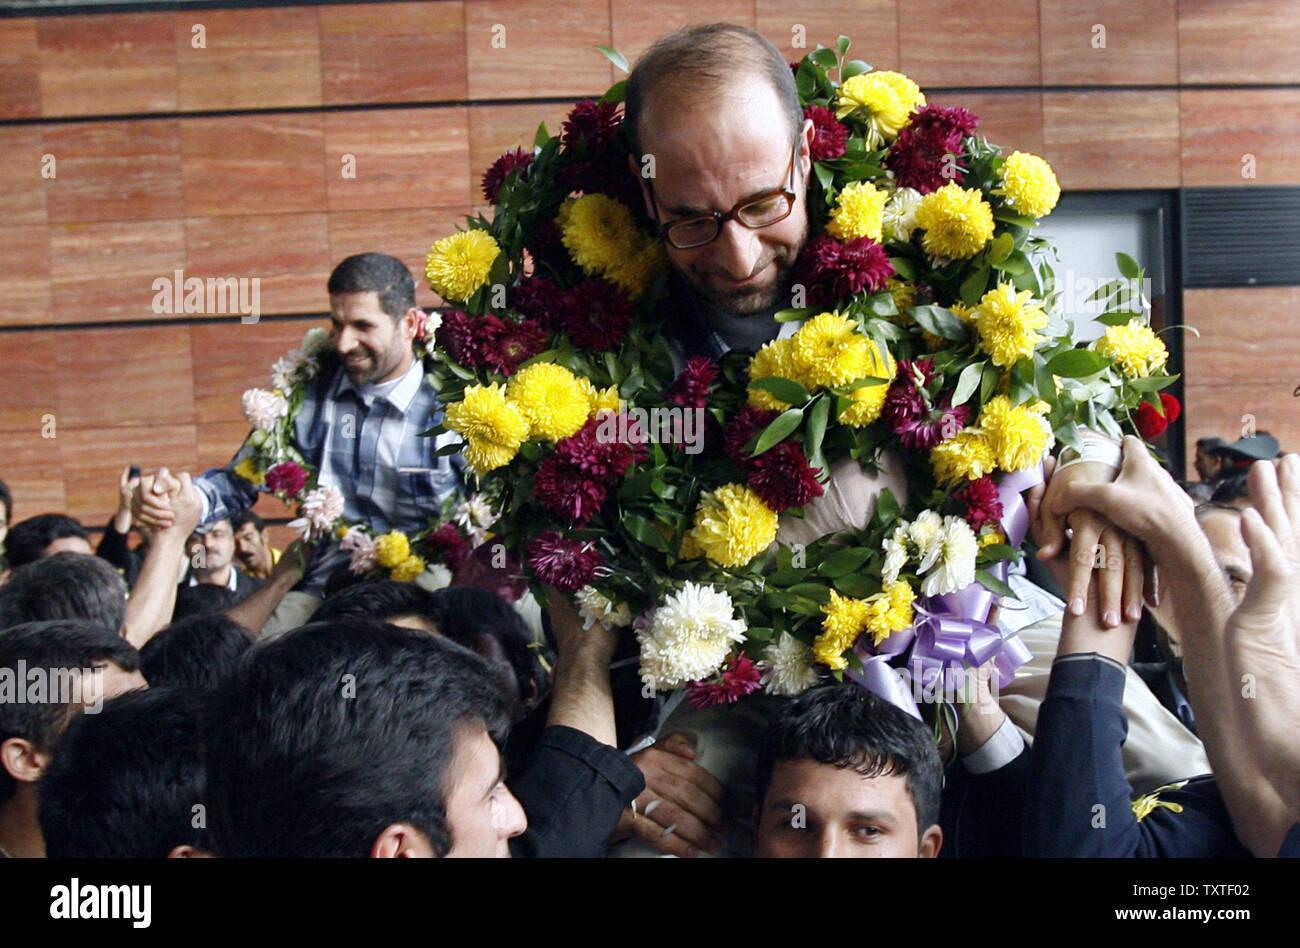 Les diplomates iraniens Hamid Reza Asghari (R) et Moussa Chegini (L) qui ont été arrêtés dans la ville d'Arbil est accueilli par ses partisans et des membres de la famille à l'aéroport Imam Khomeiny à Téhéran, Iran, le 11 novembre 2007. Les neuf iraniens, dont deux diplomates qui avaient été arrêtés dans le nord de la ville irakienne d'Erbil a récemment publié le vendredi nous par la force. (Photo d'UPI/STR) Banque D'Images